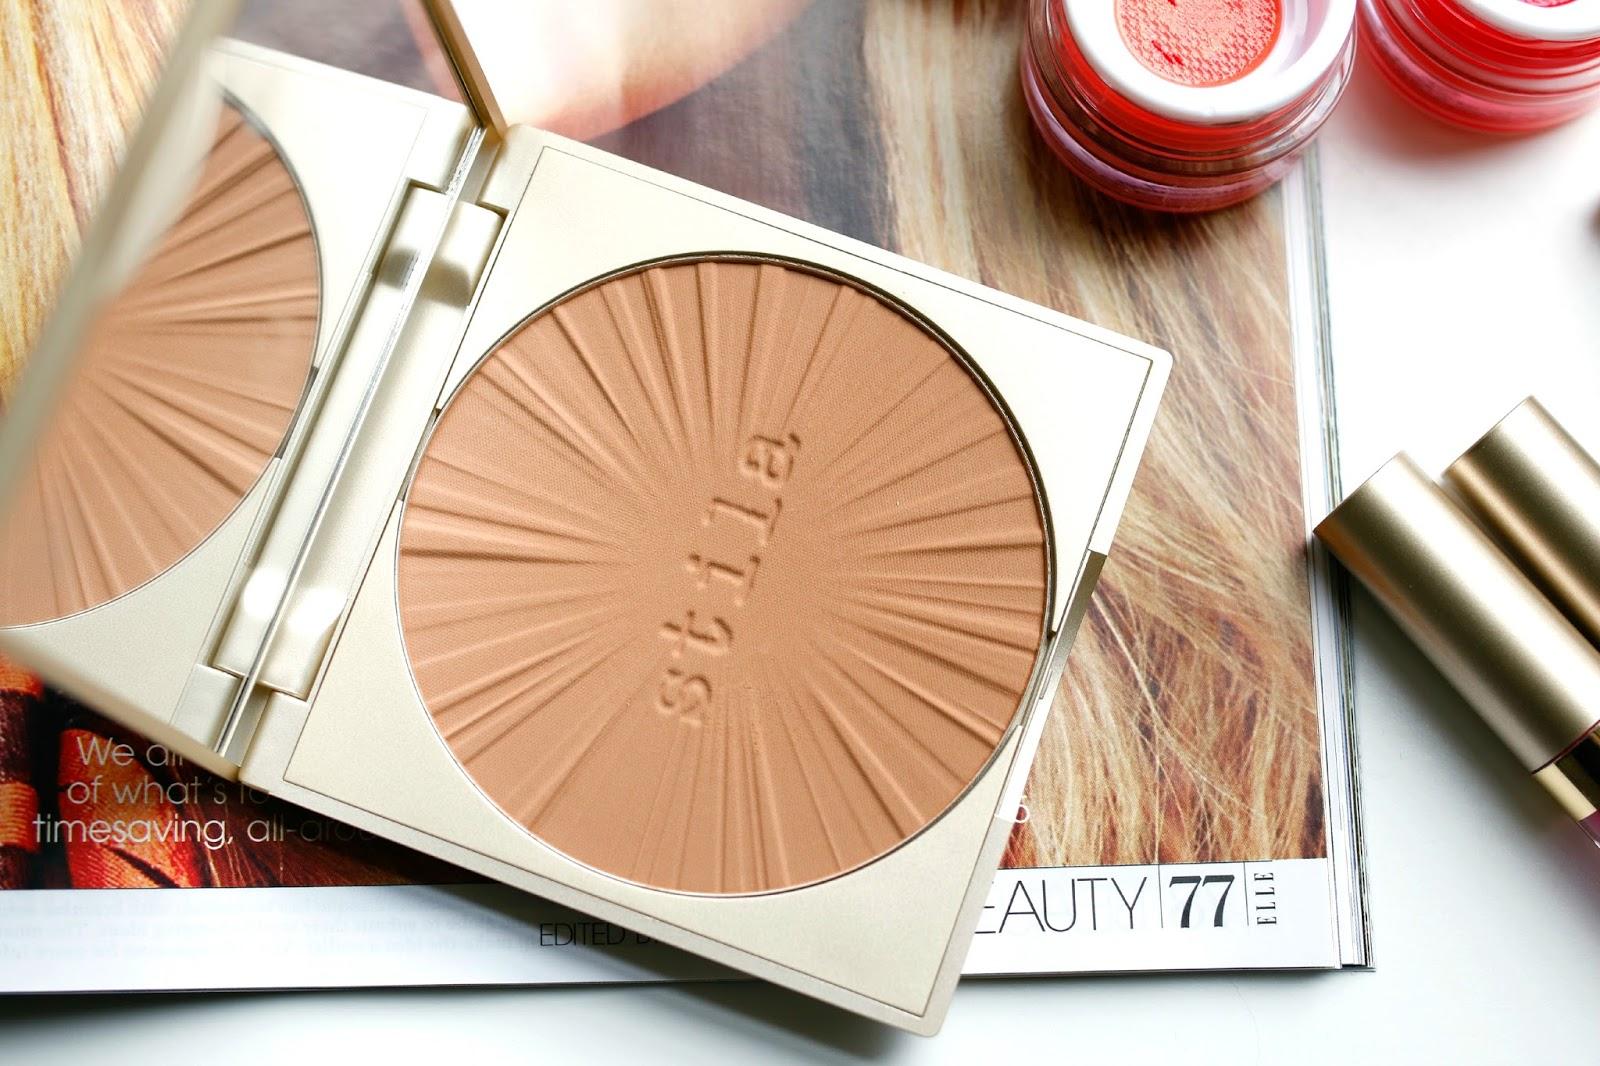 Stila bronzer for fair skin